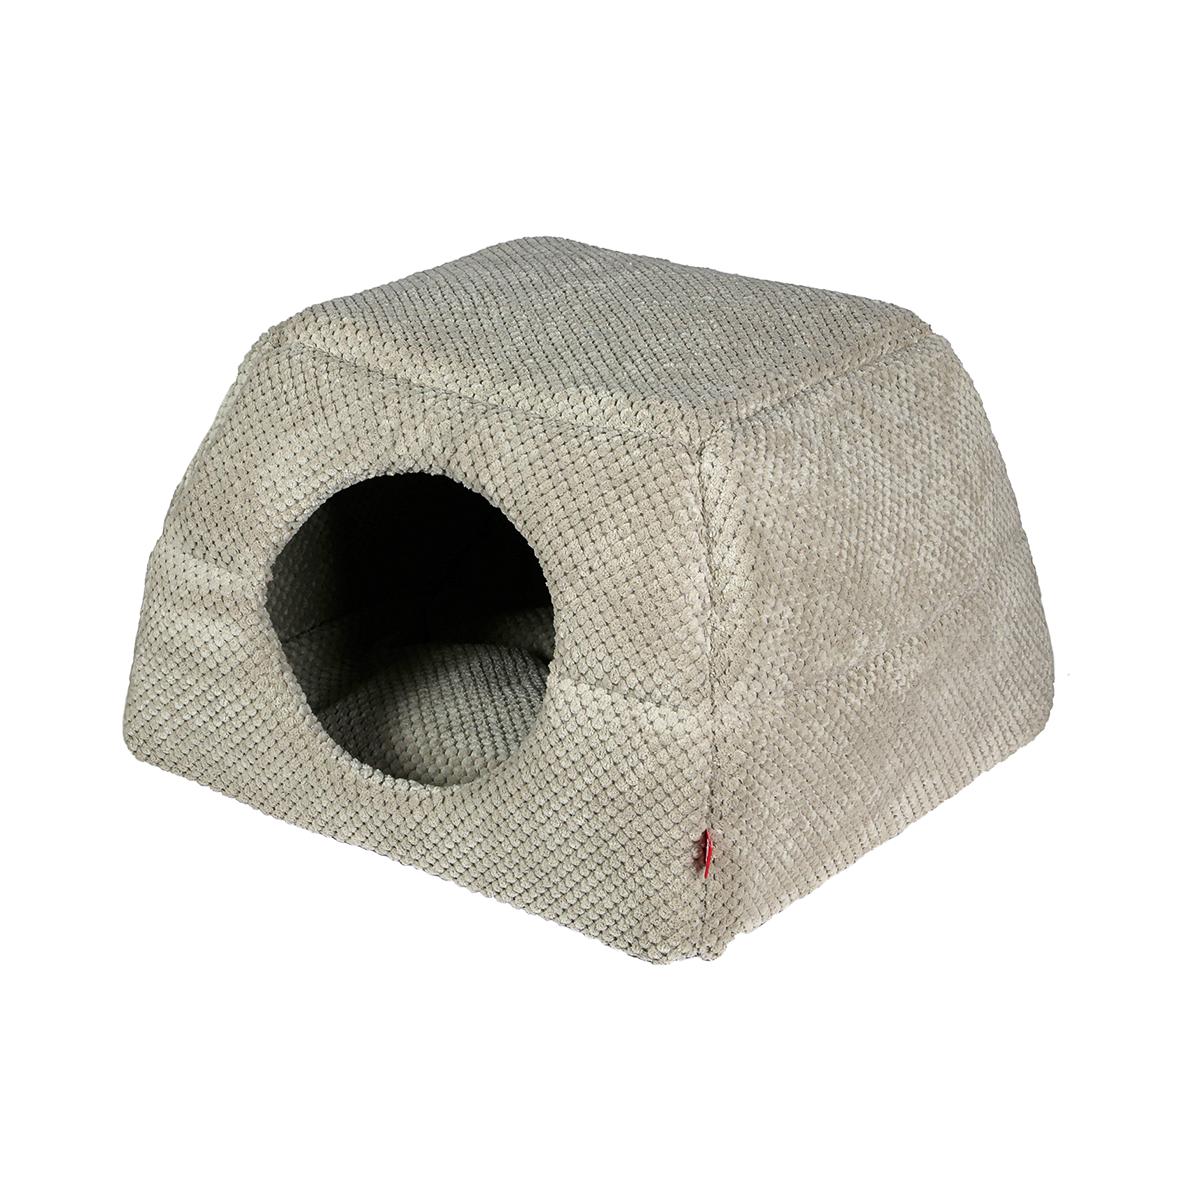 0b935ed0975fb6 Budka dla psa lub kota Doti rozmiar 2 beżowa - AmiBelle